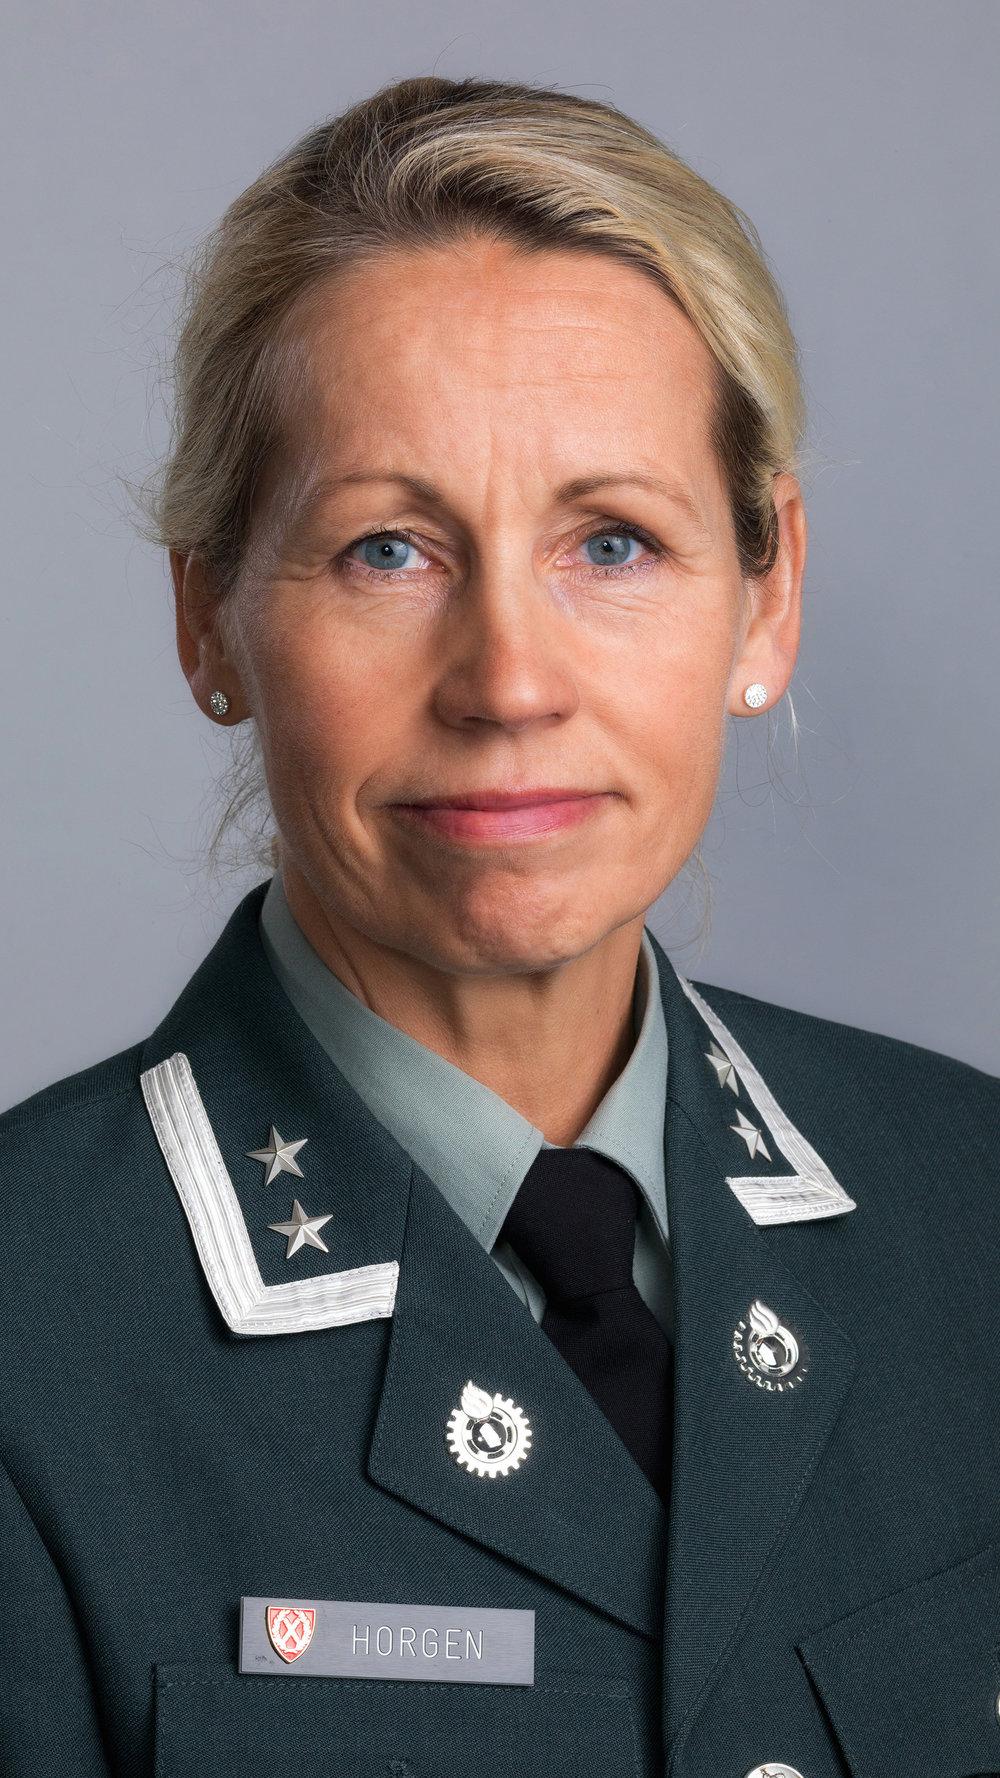 Marit Horgen, oberstløytnant/lederutvikler, Forsvarets høgskole